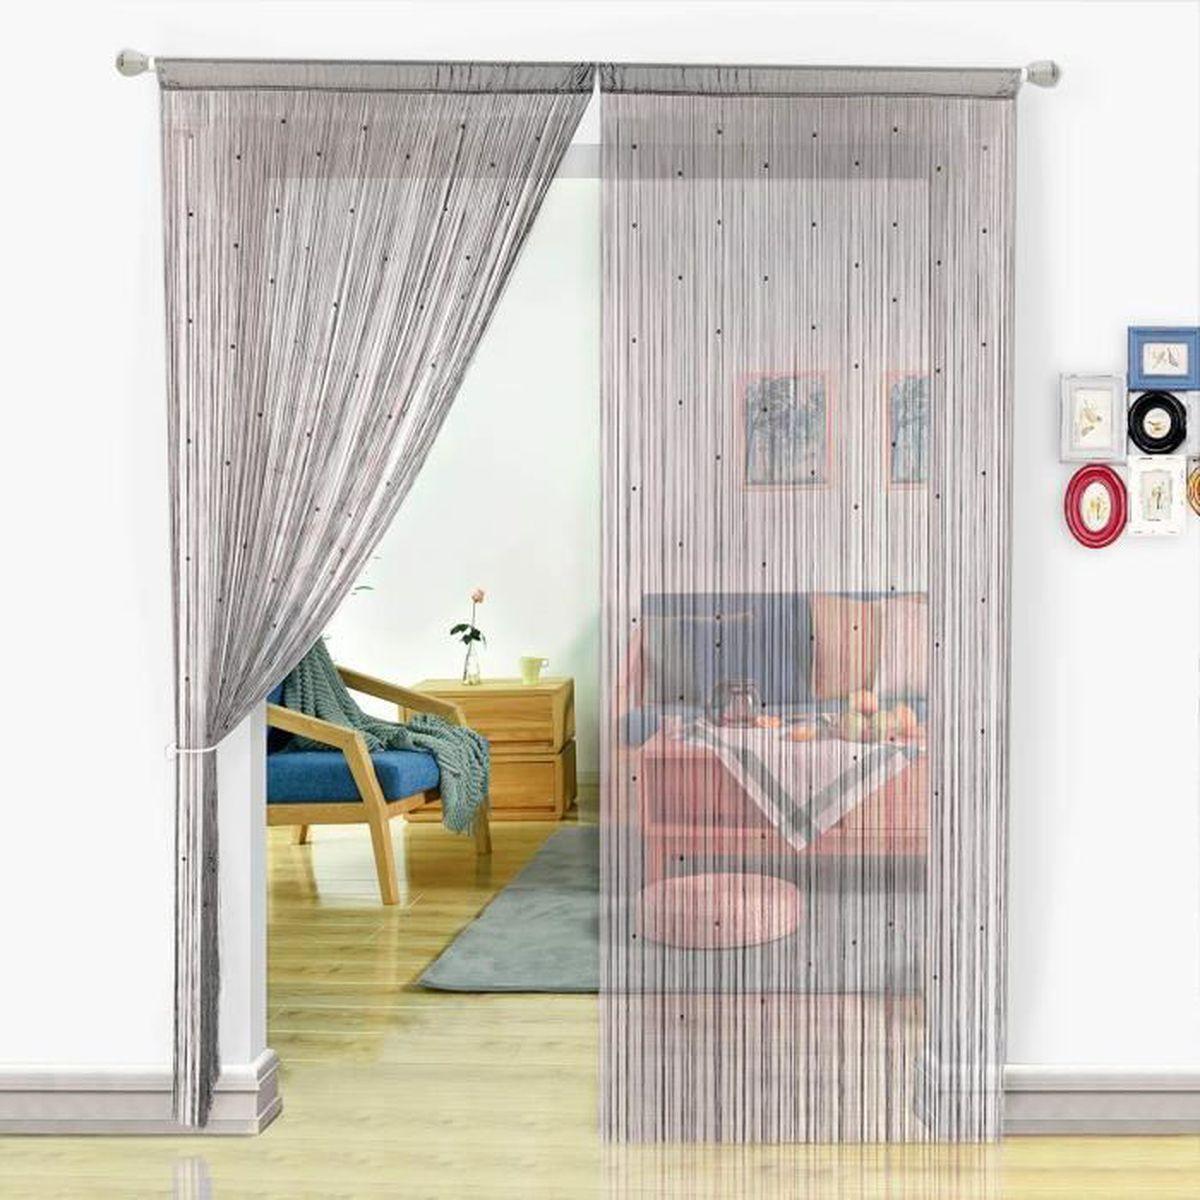 Rideau Pour Porte Fenetre hsylym rideau de fil à perles pour fenêtres ou portes (90x200cm,gris)